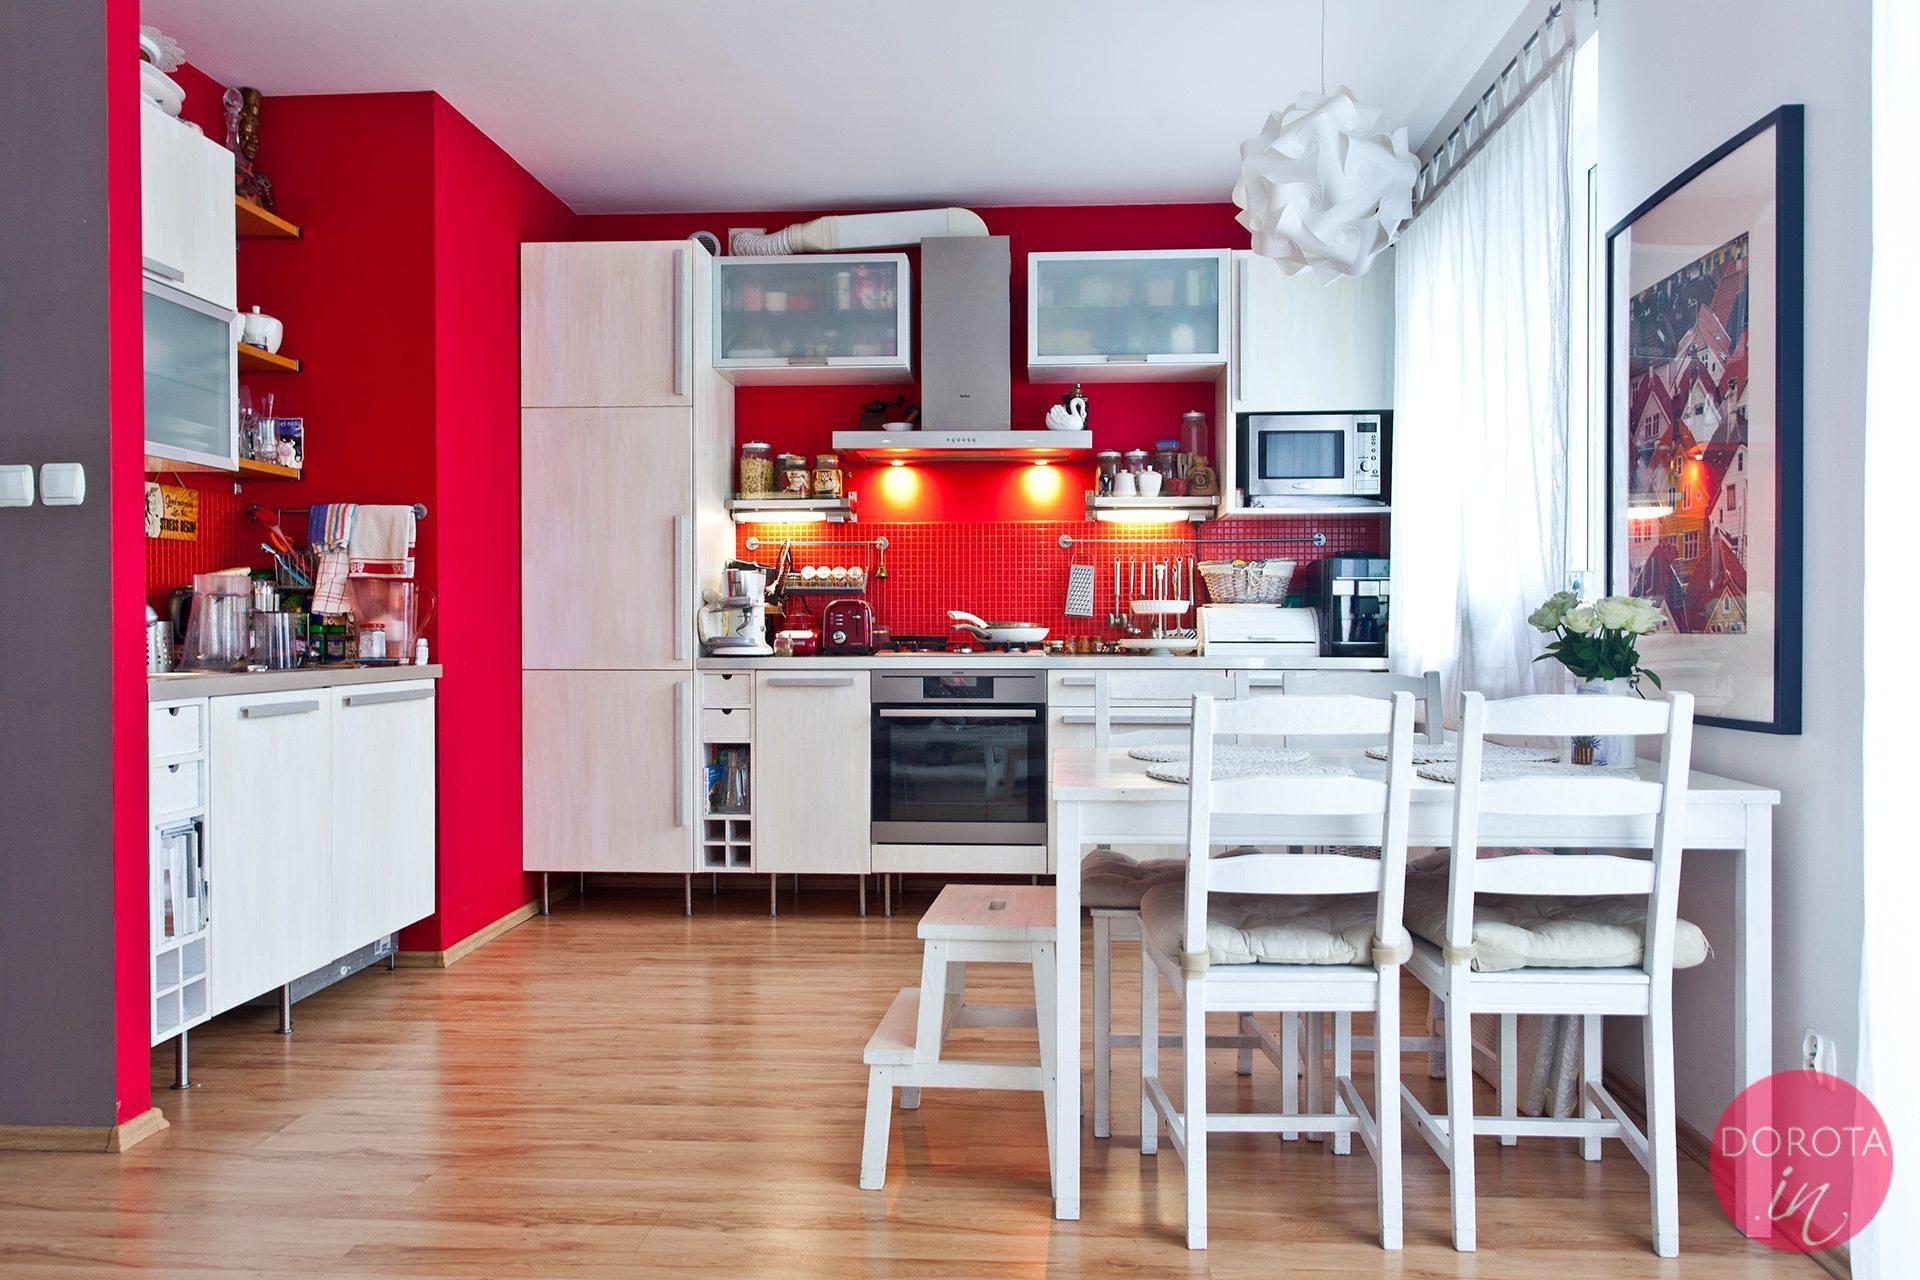 Kuchnia przemalowana na biało - metamorfoza kuchni